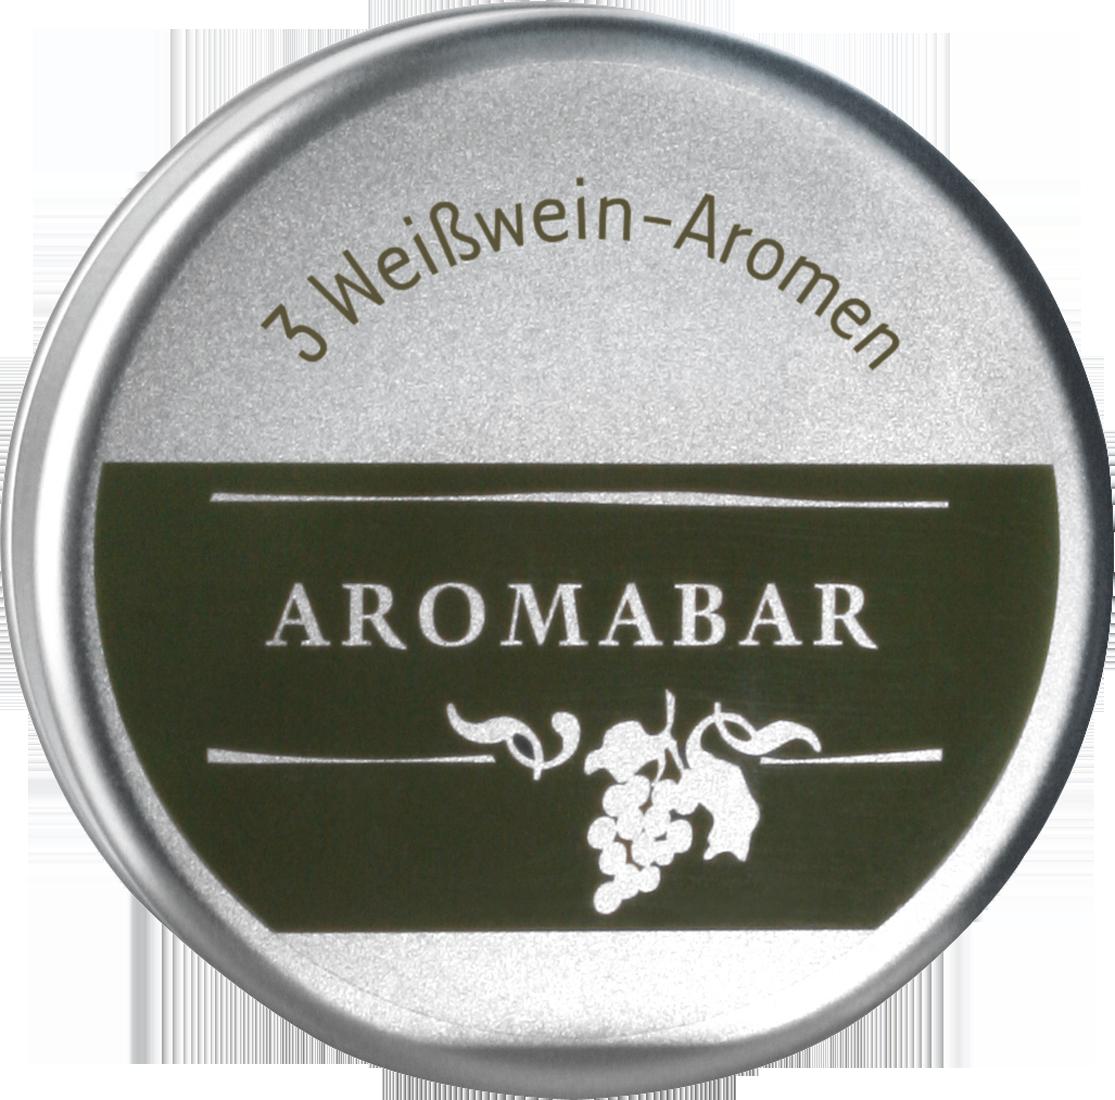 Aromabar Weisswein Schnupperdose